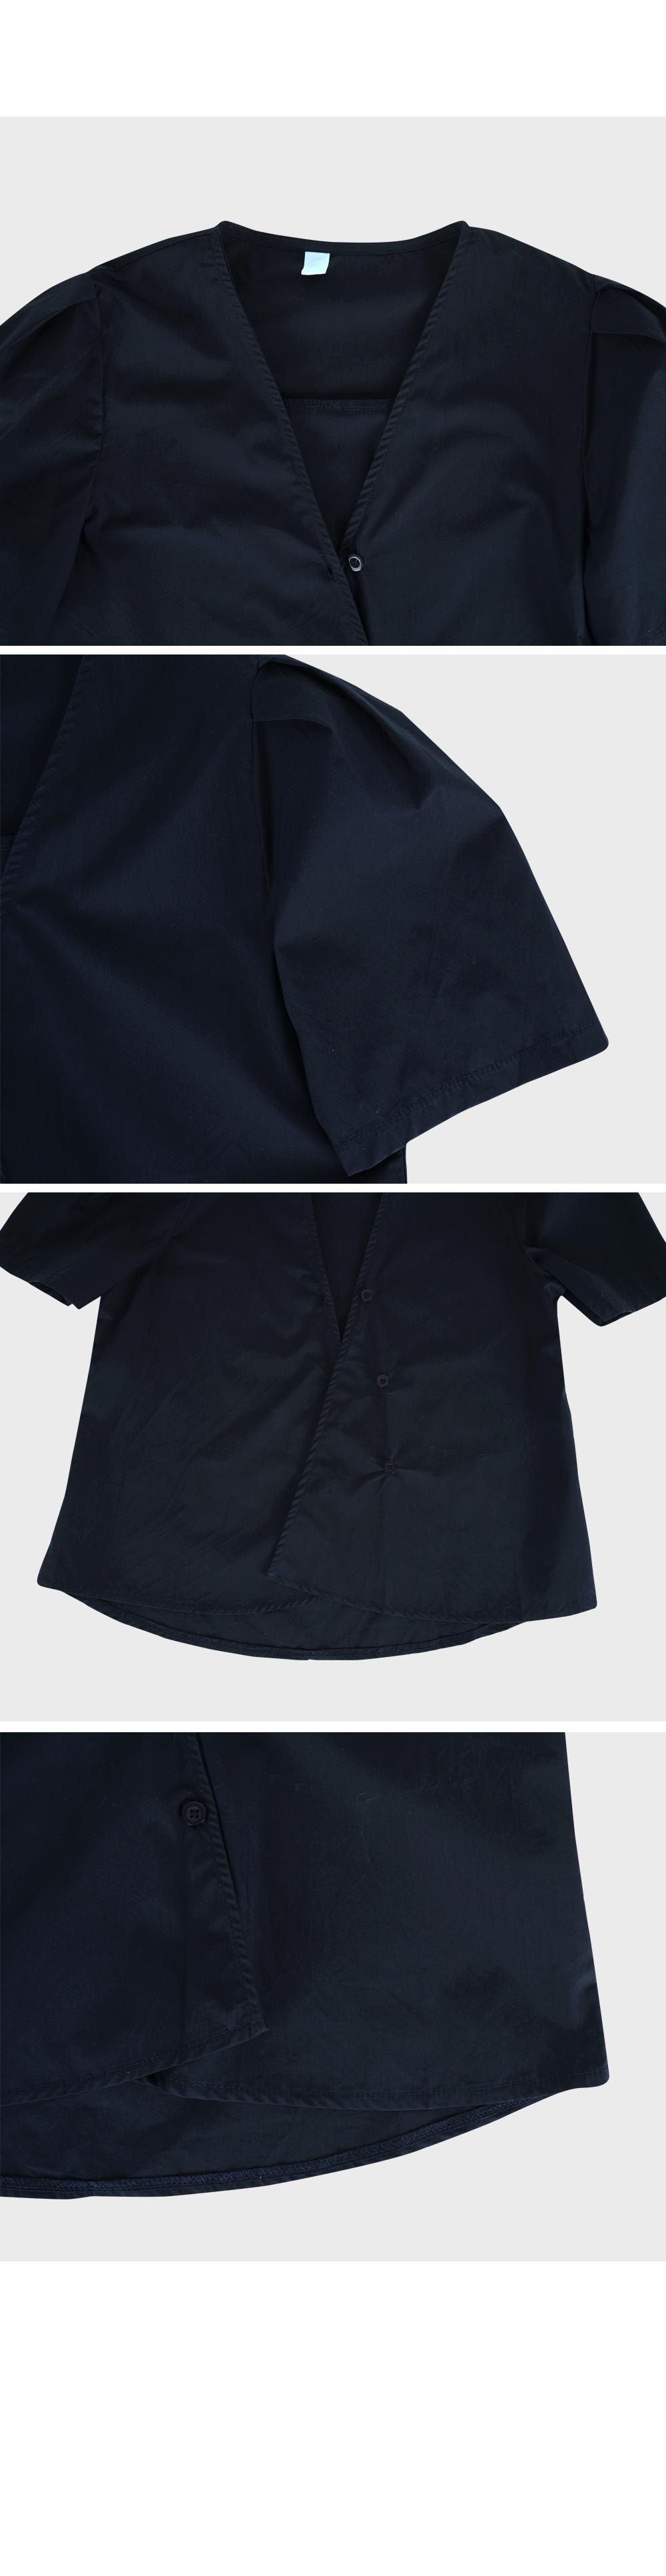 Navy Oblique Line Blouse-holiholic.com